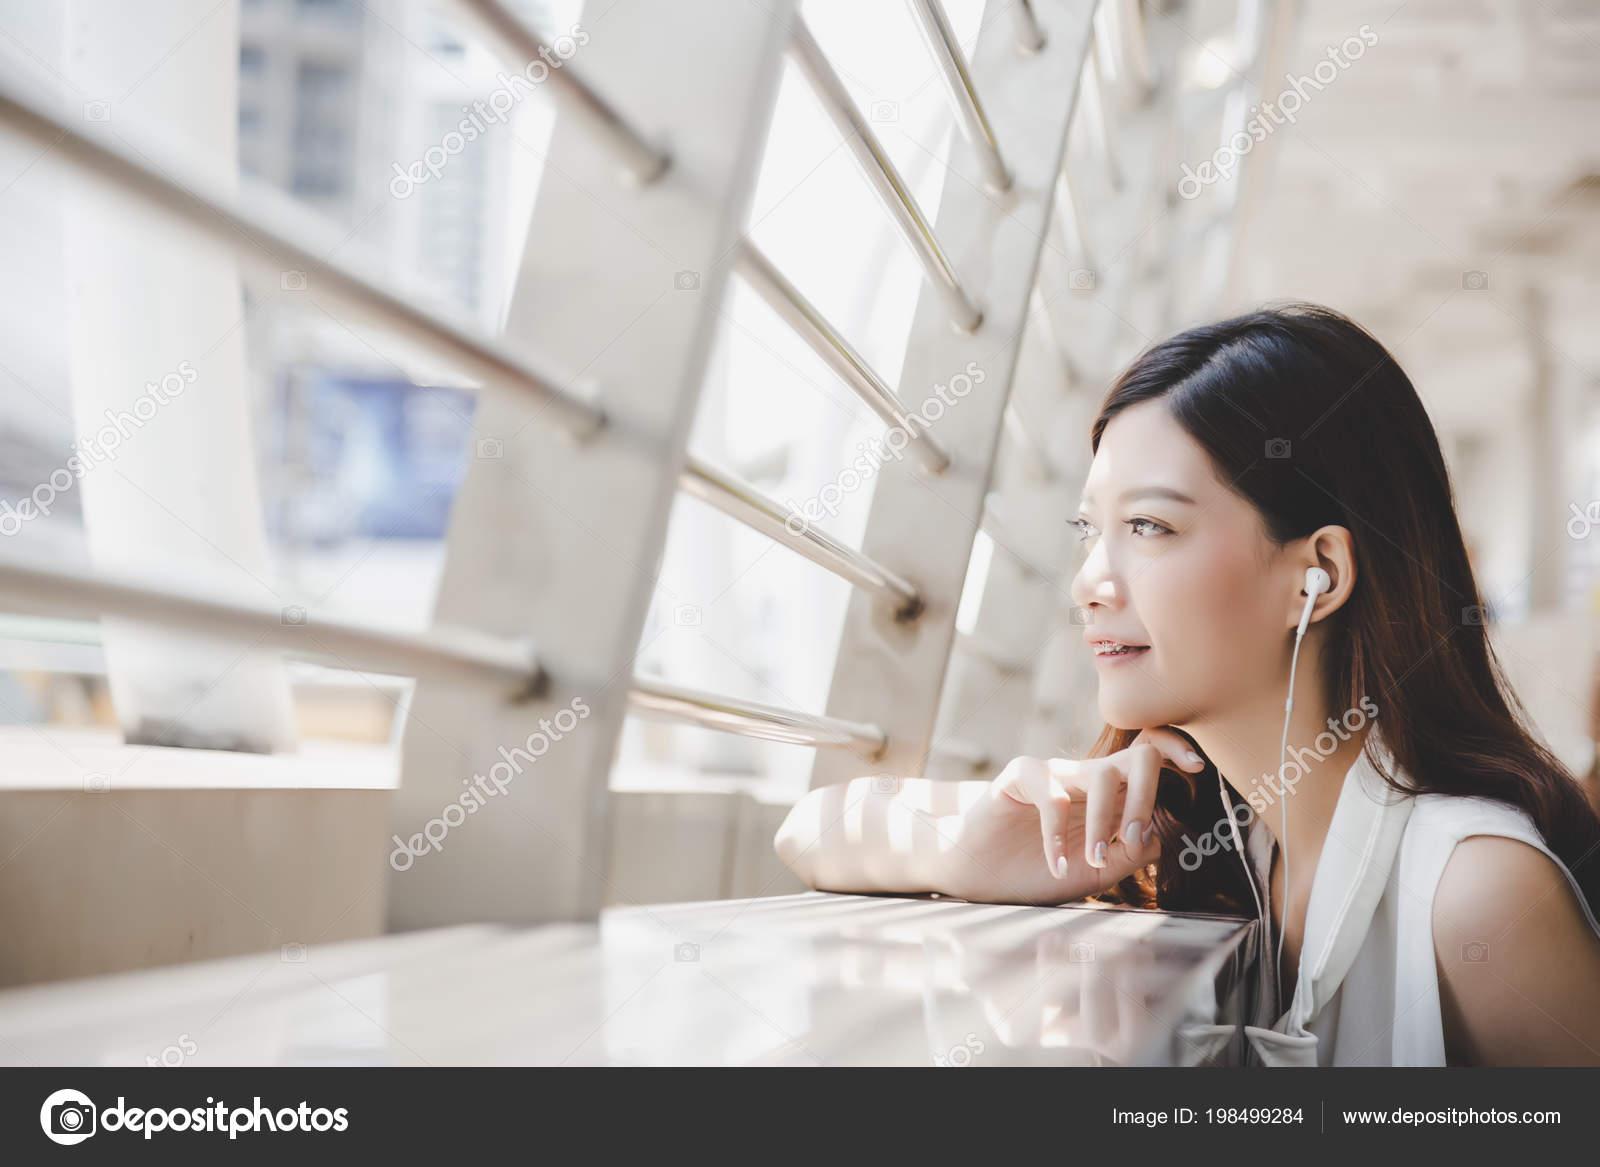 When a Woman Feels Happy 67